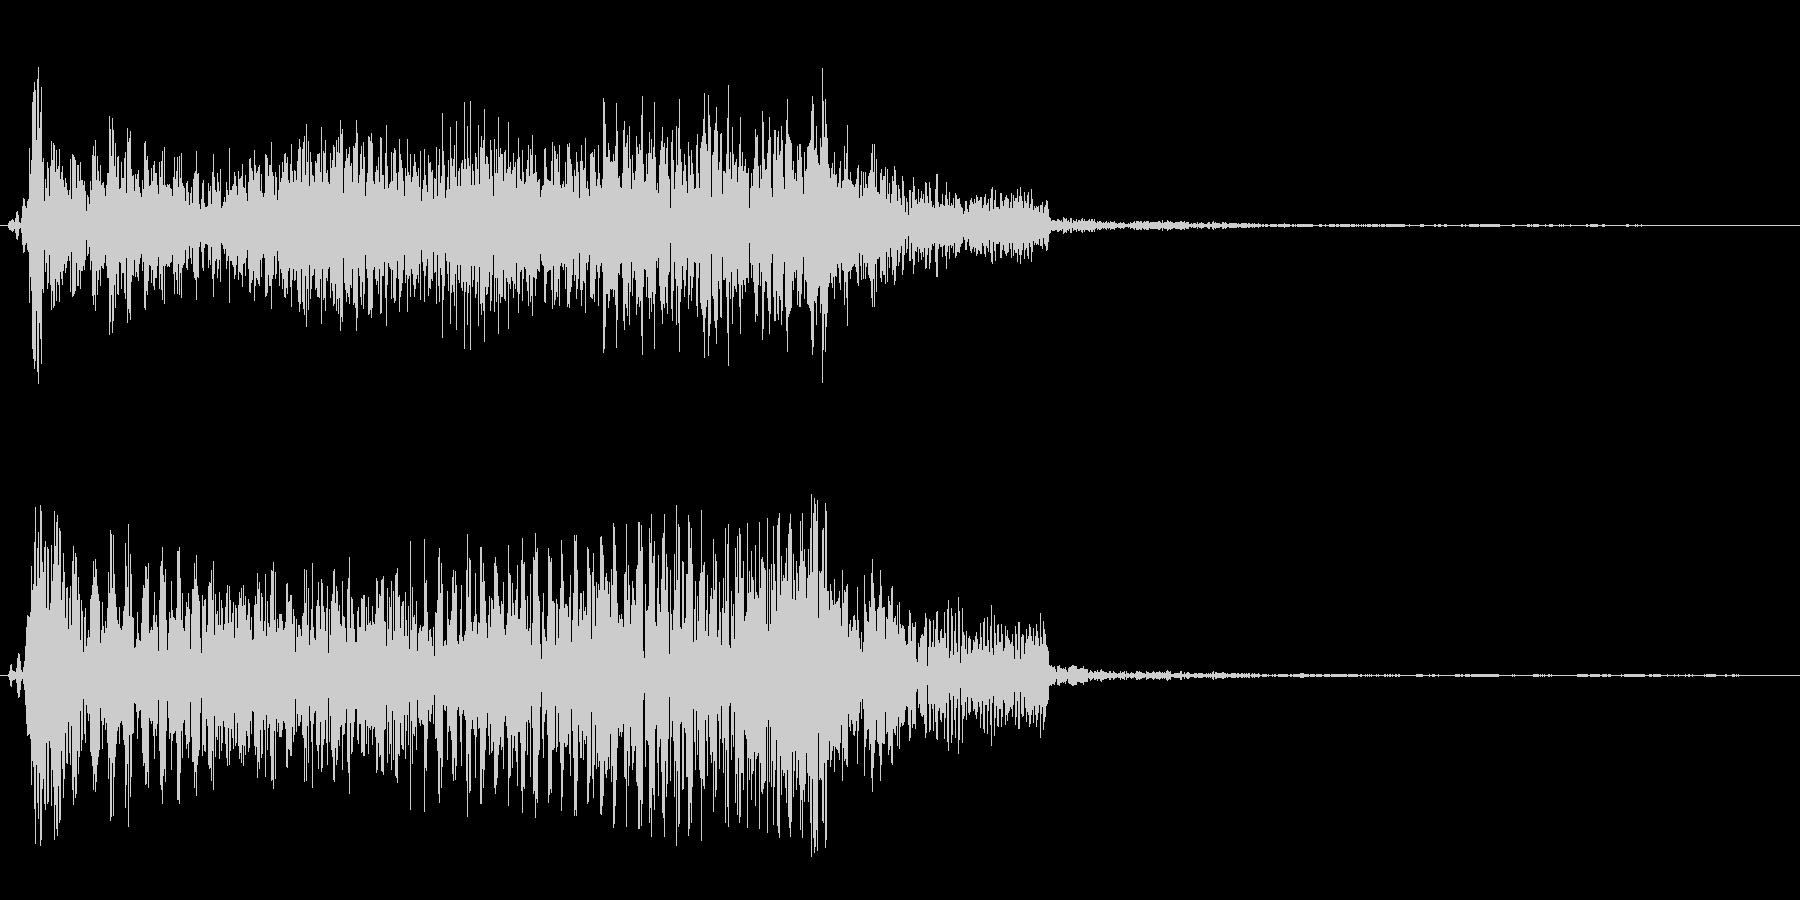 バネがキューンと伸びて縮む音の未再生の波形